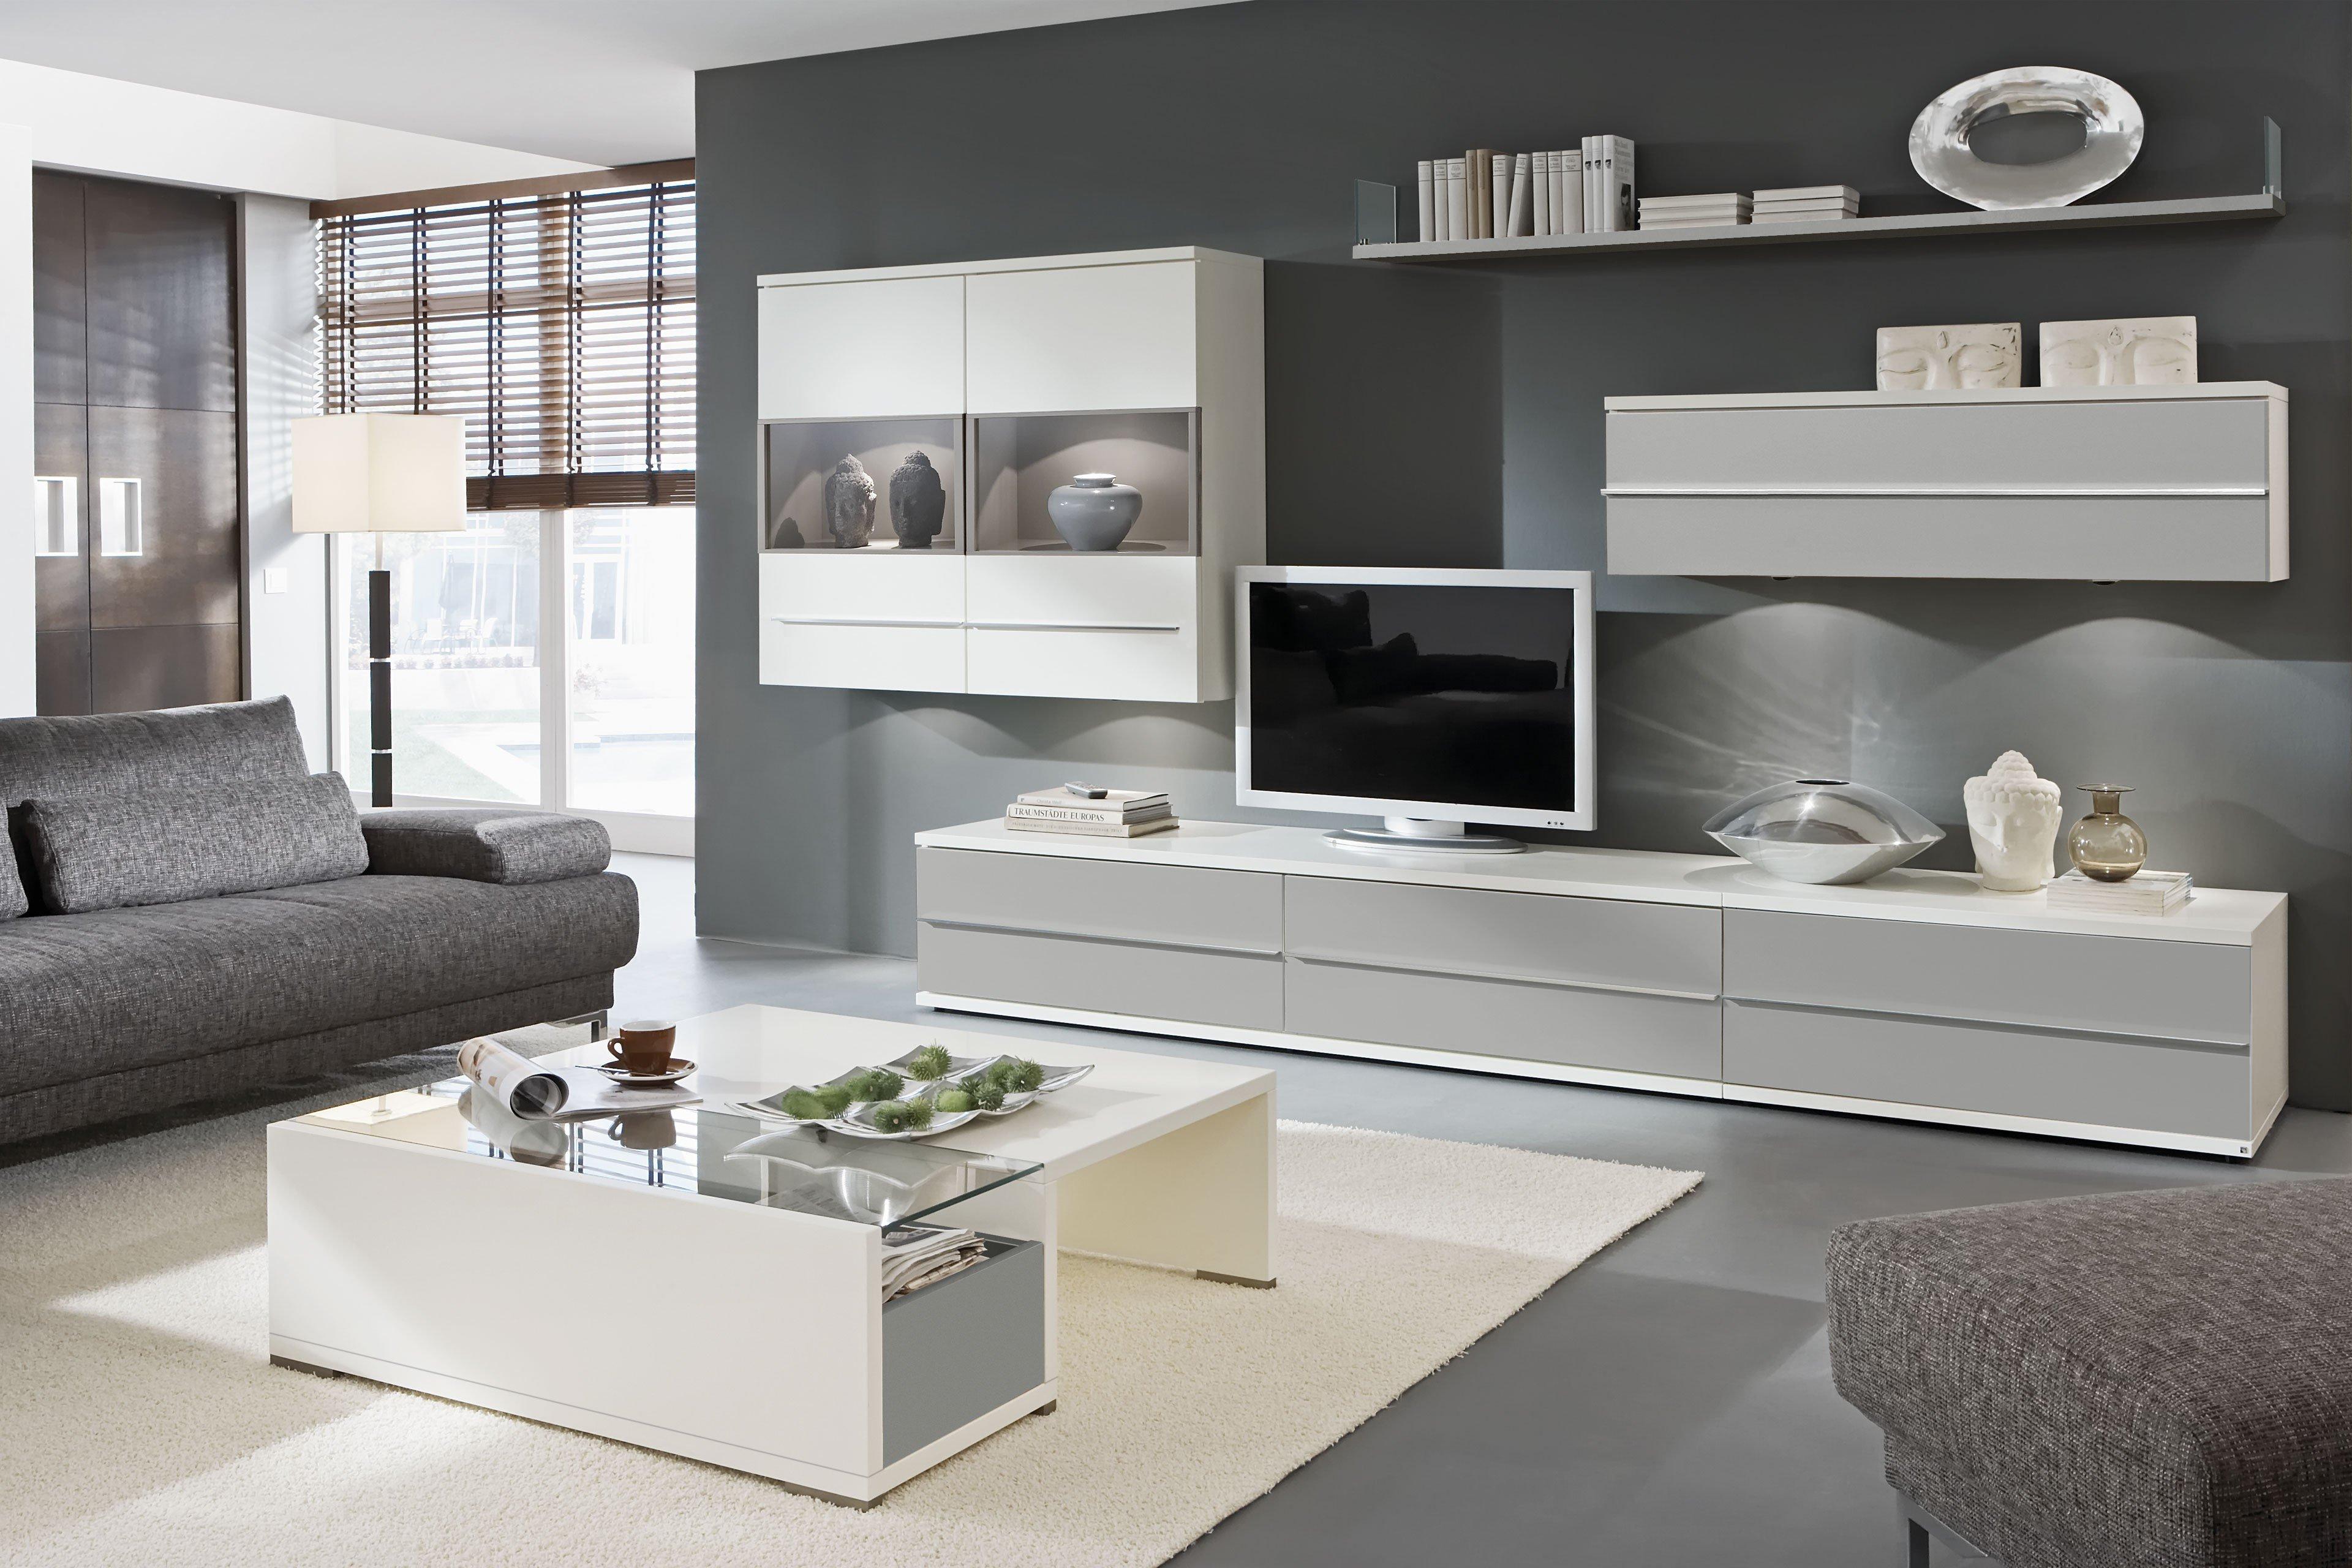 Wohnwand design grau  Loddenkemper Kito Wohnwand 9830 Soft Grau | Möbel Letz - Ihr ...